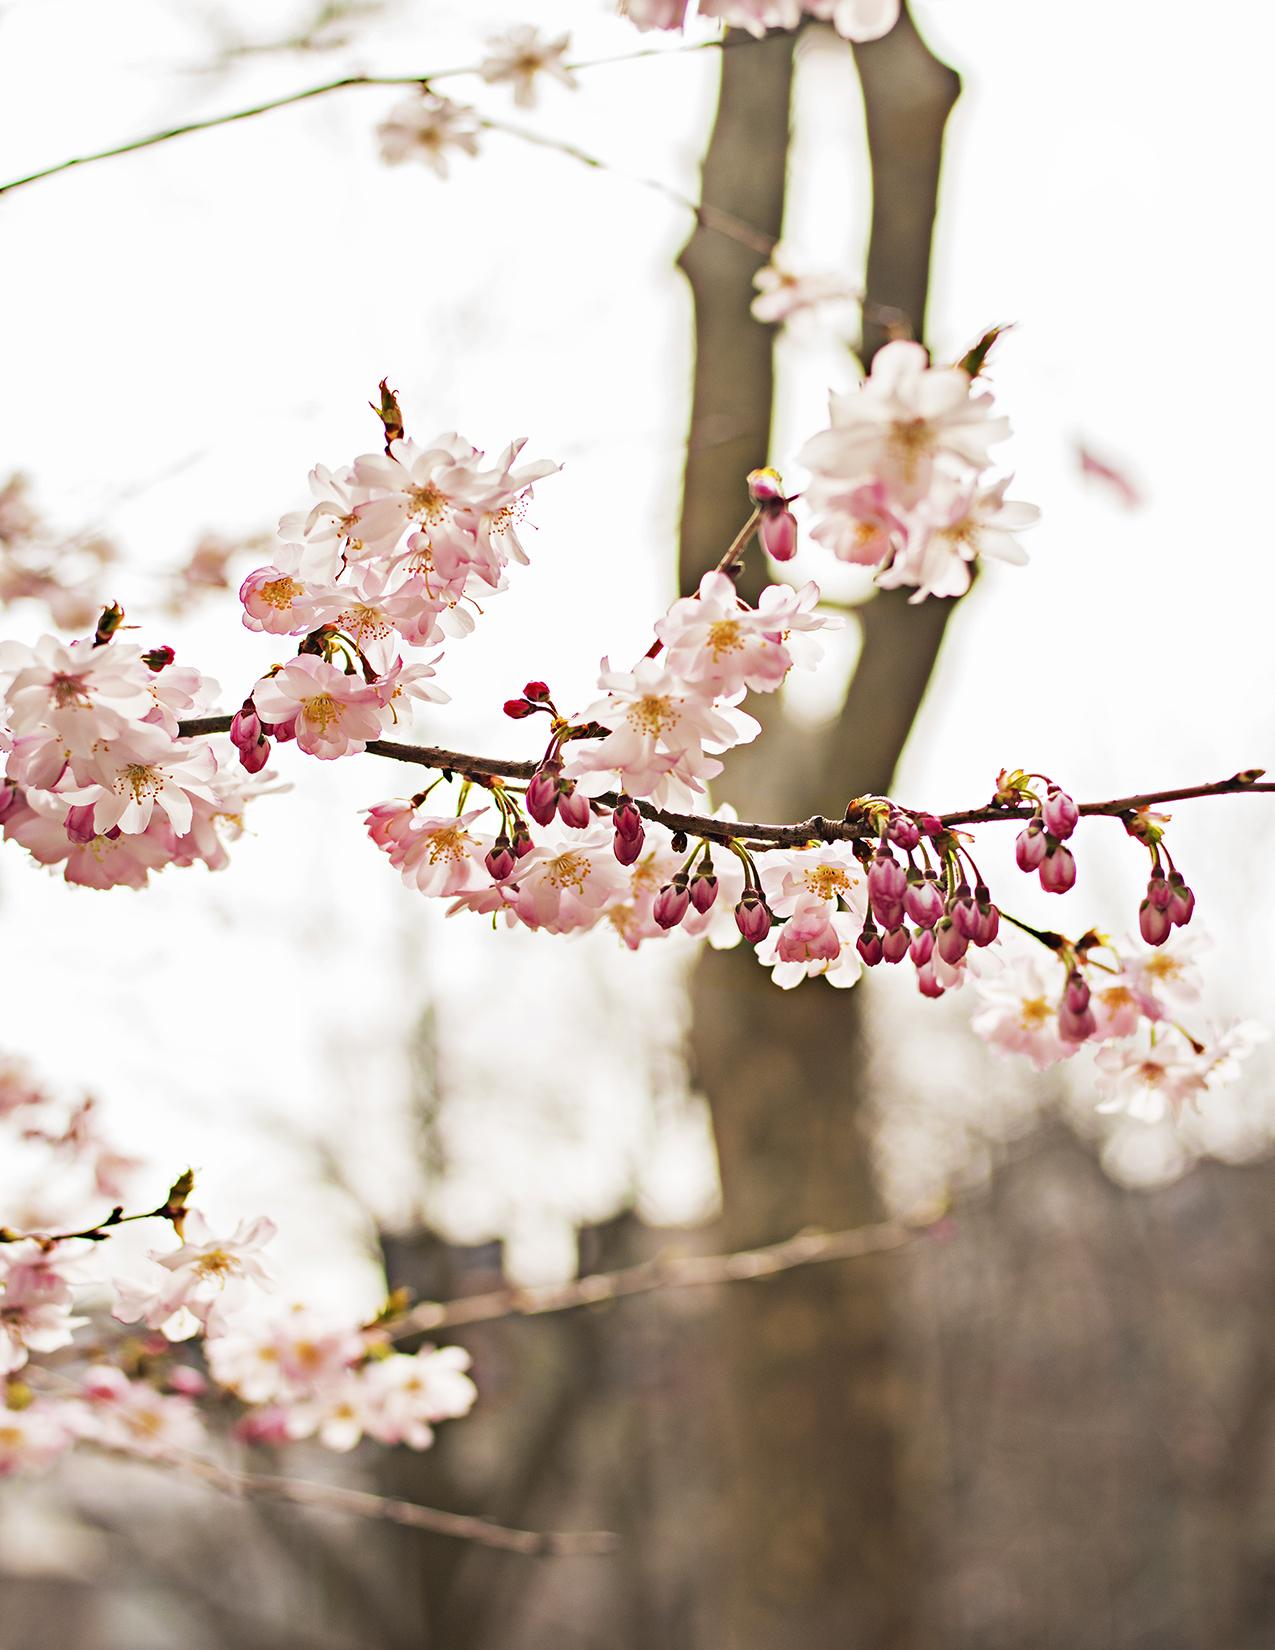 Eileen_Ko_Assignment_4_Light_Pink_Petals_Flowers_Branch